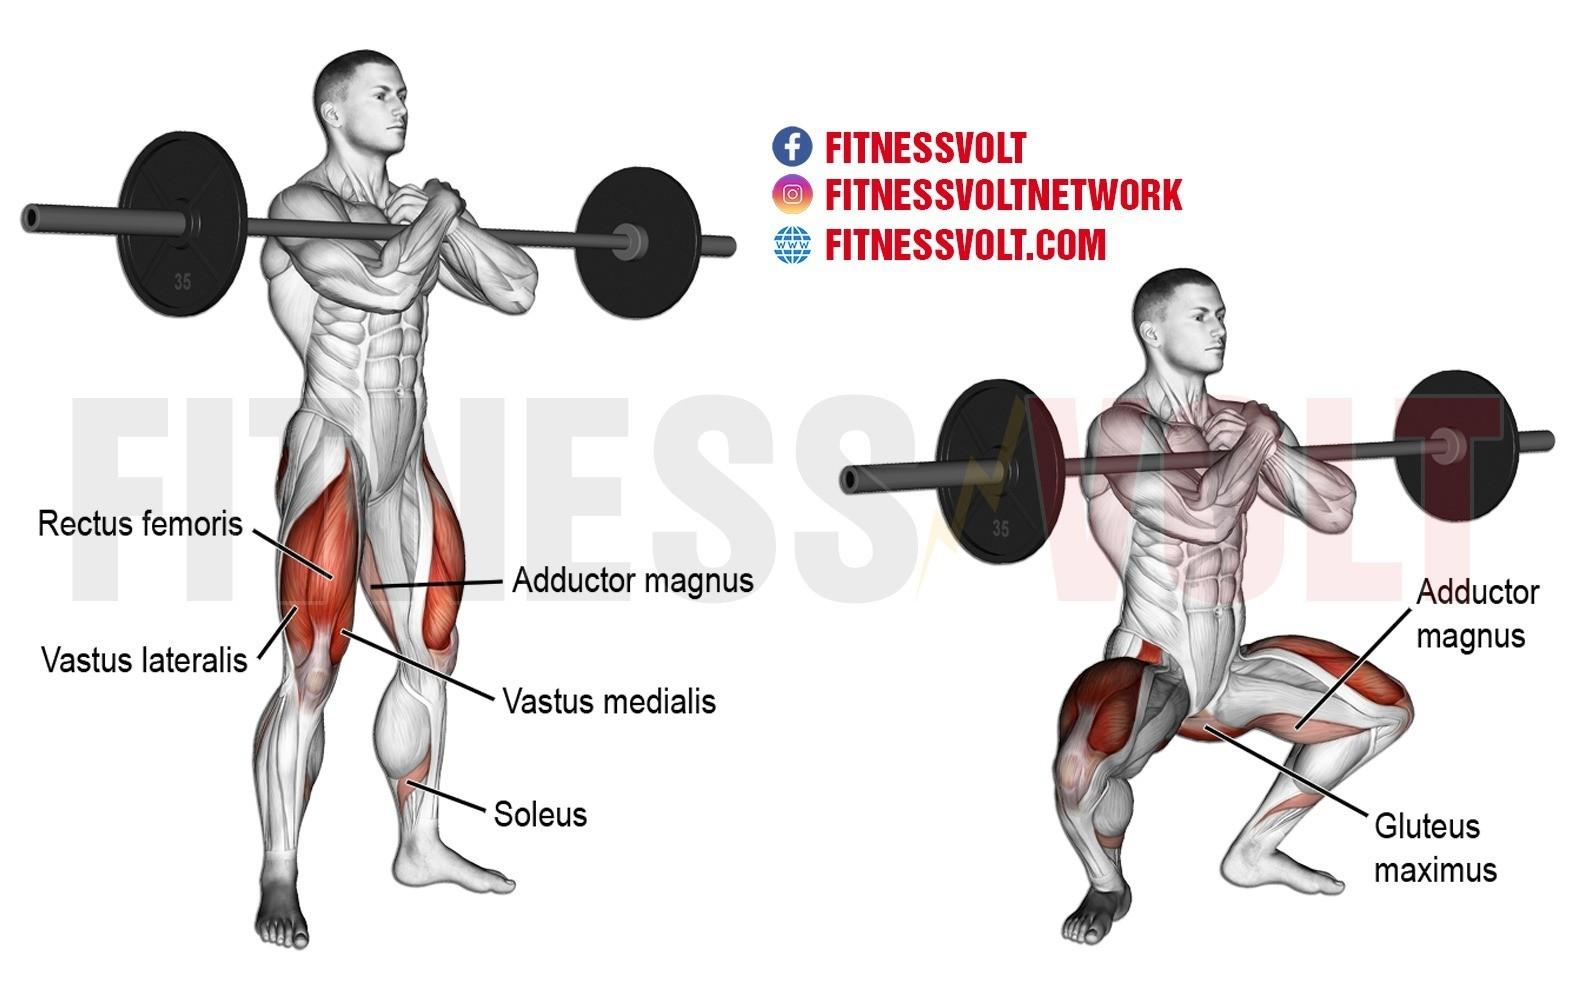 Zercher Squat Legs Fitness Volt